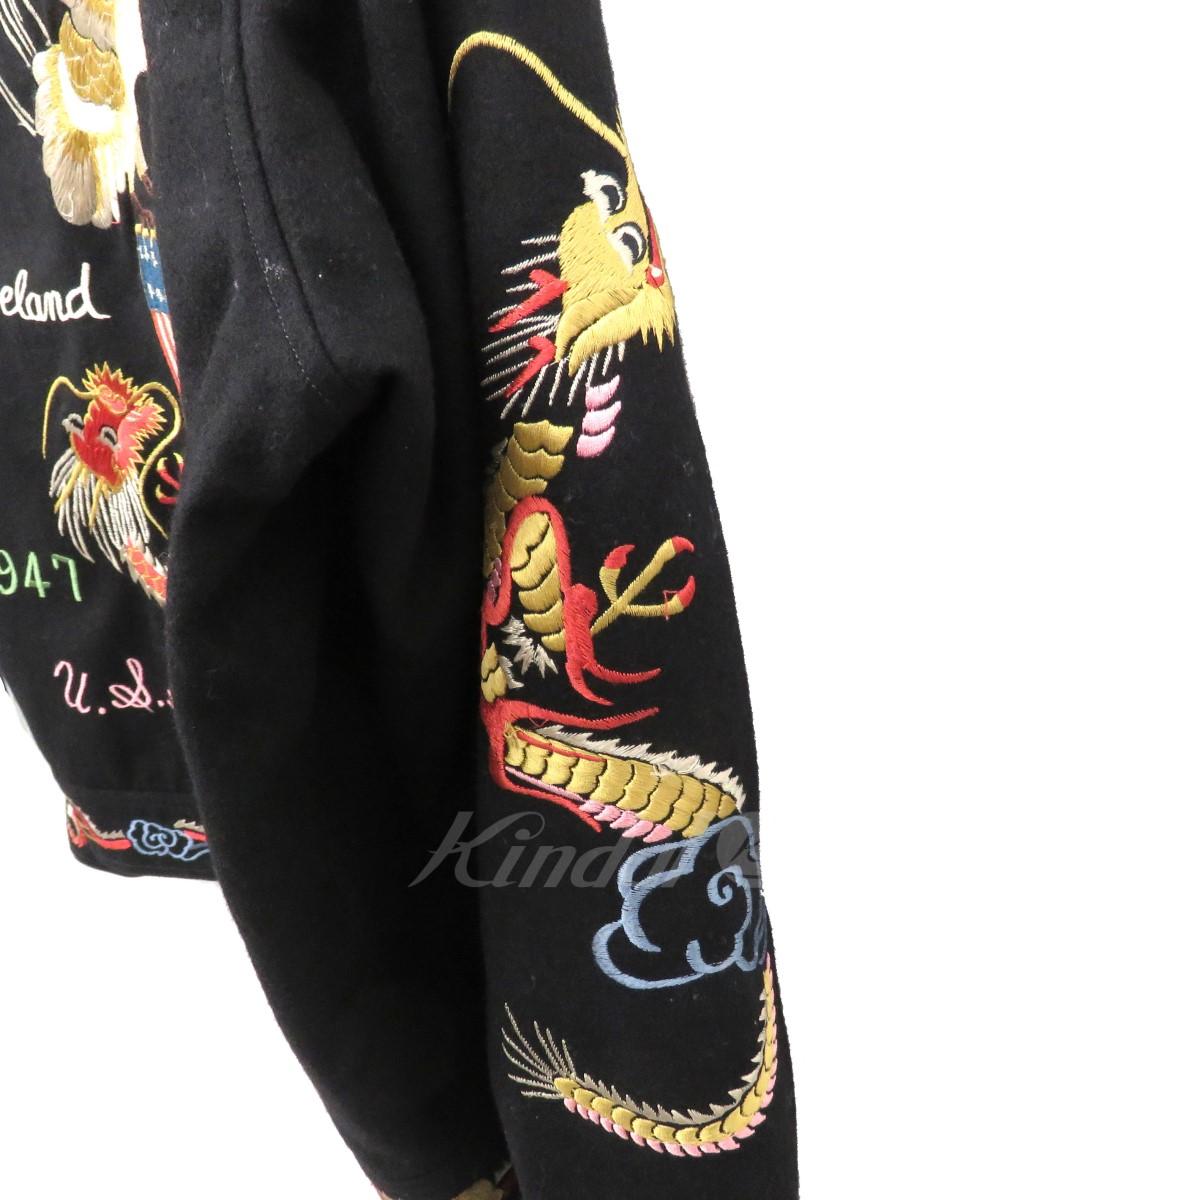 東洋エンタープライズ SUKA WOOL JACKETEAGLE DRAGON ジャケット スカジャン TT11455 ブラック サイズ 中160320東洋エンタープライズy0NOm8nvwP